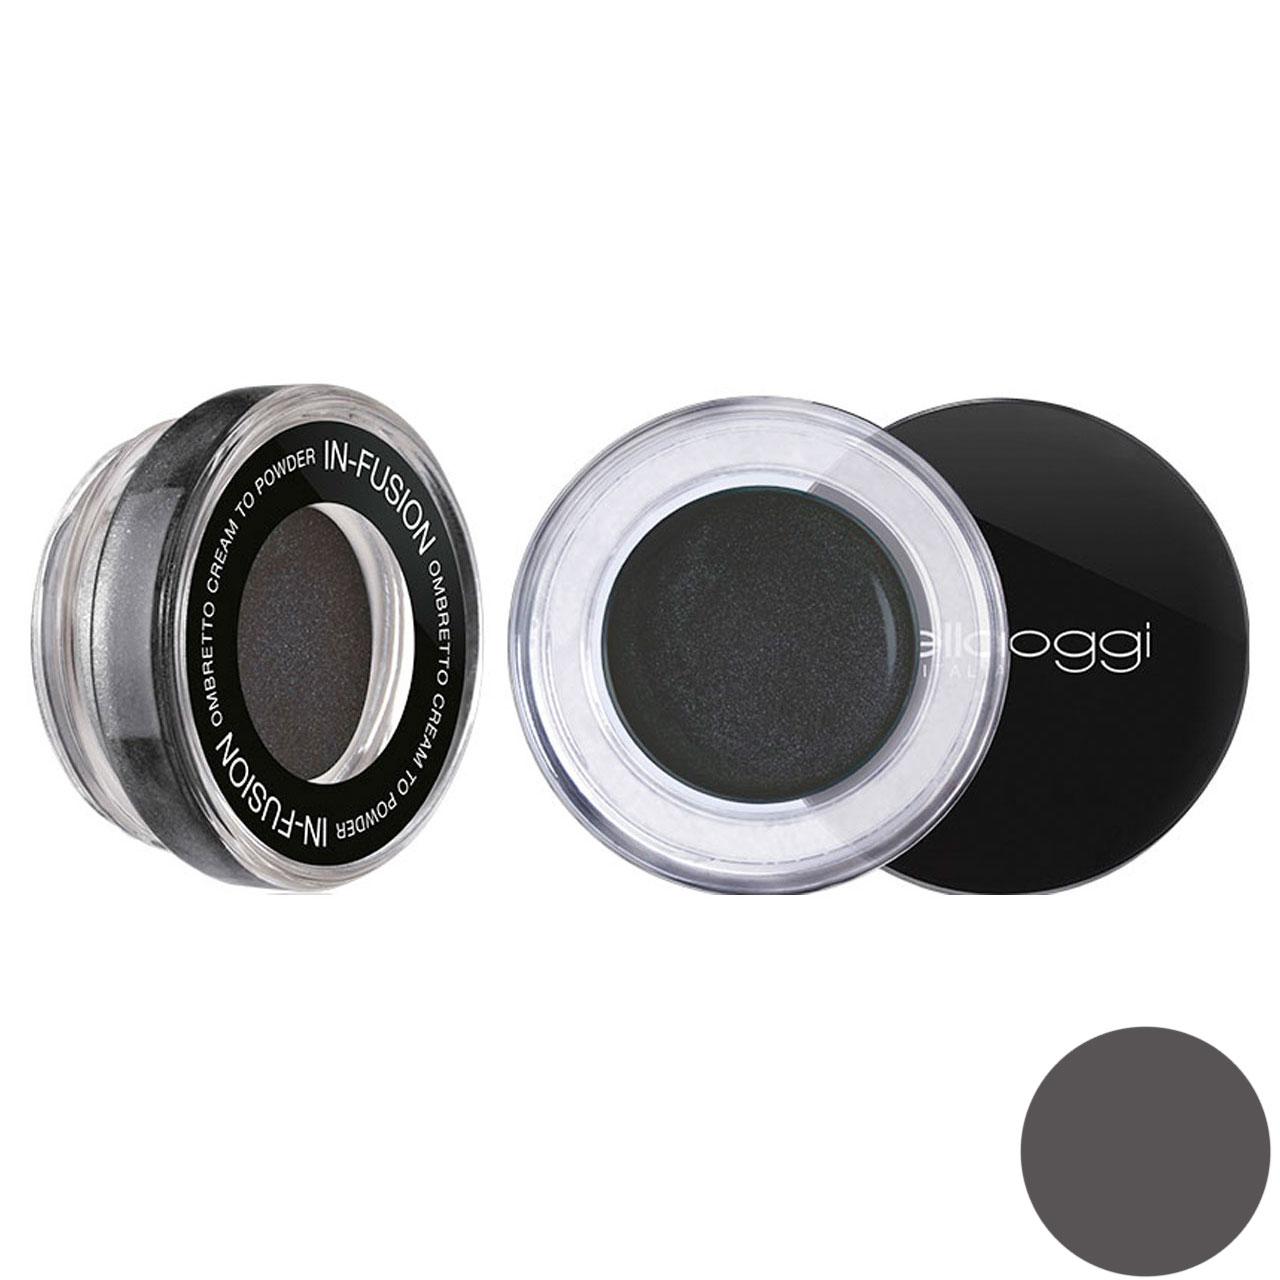 خرید                                      سایه چشم مخملی بلاوجی مدل In-Fusion Ombertto شماره 006